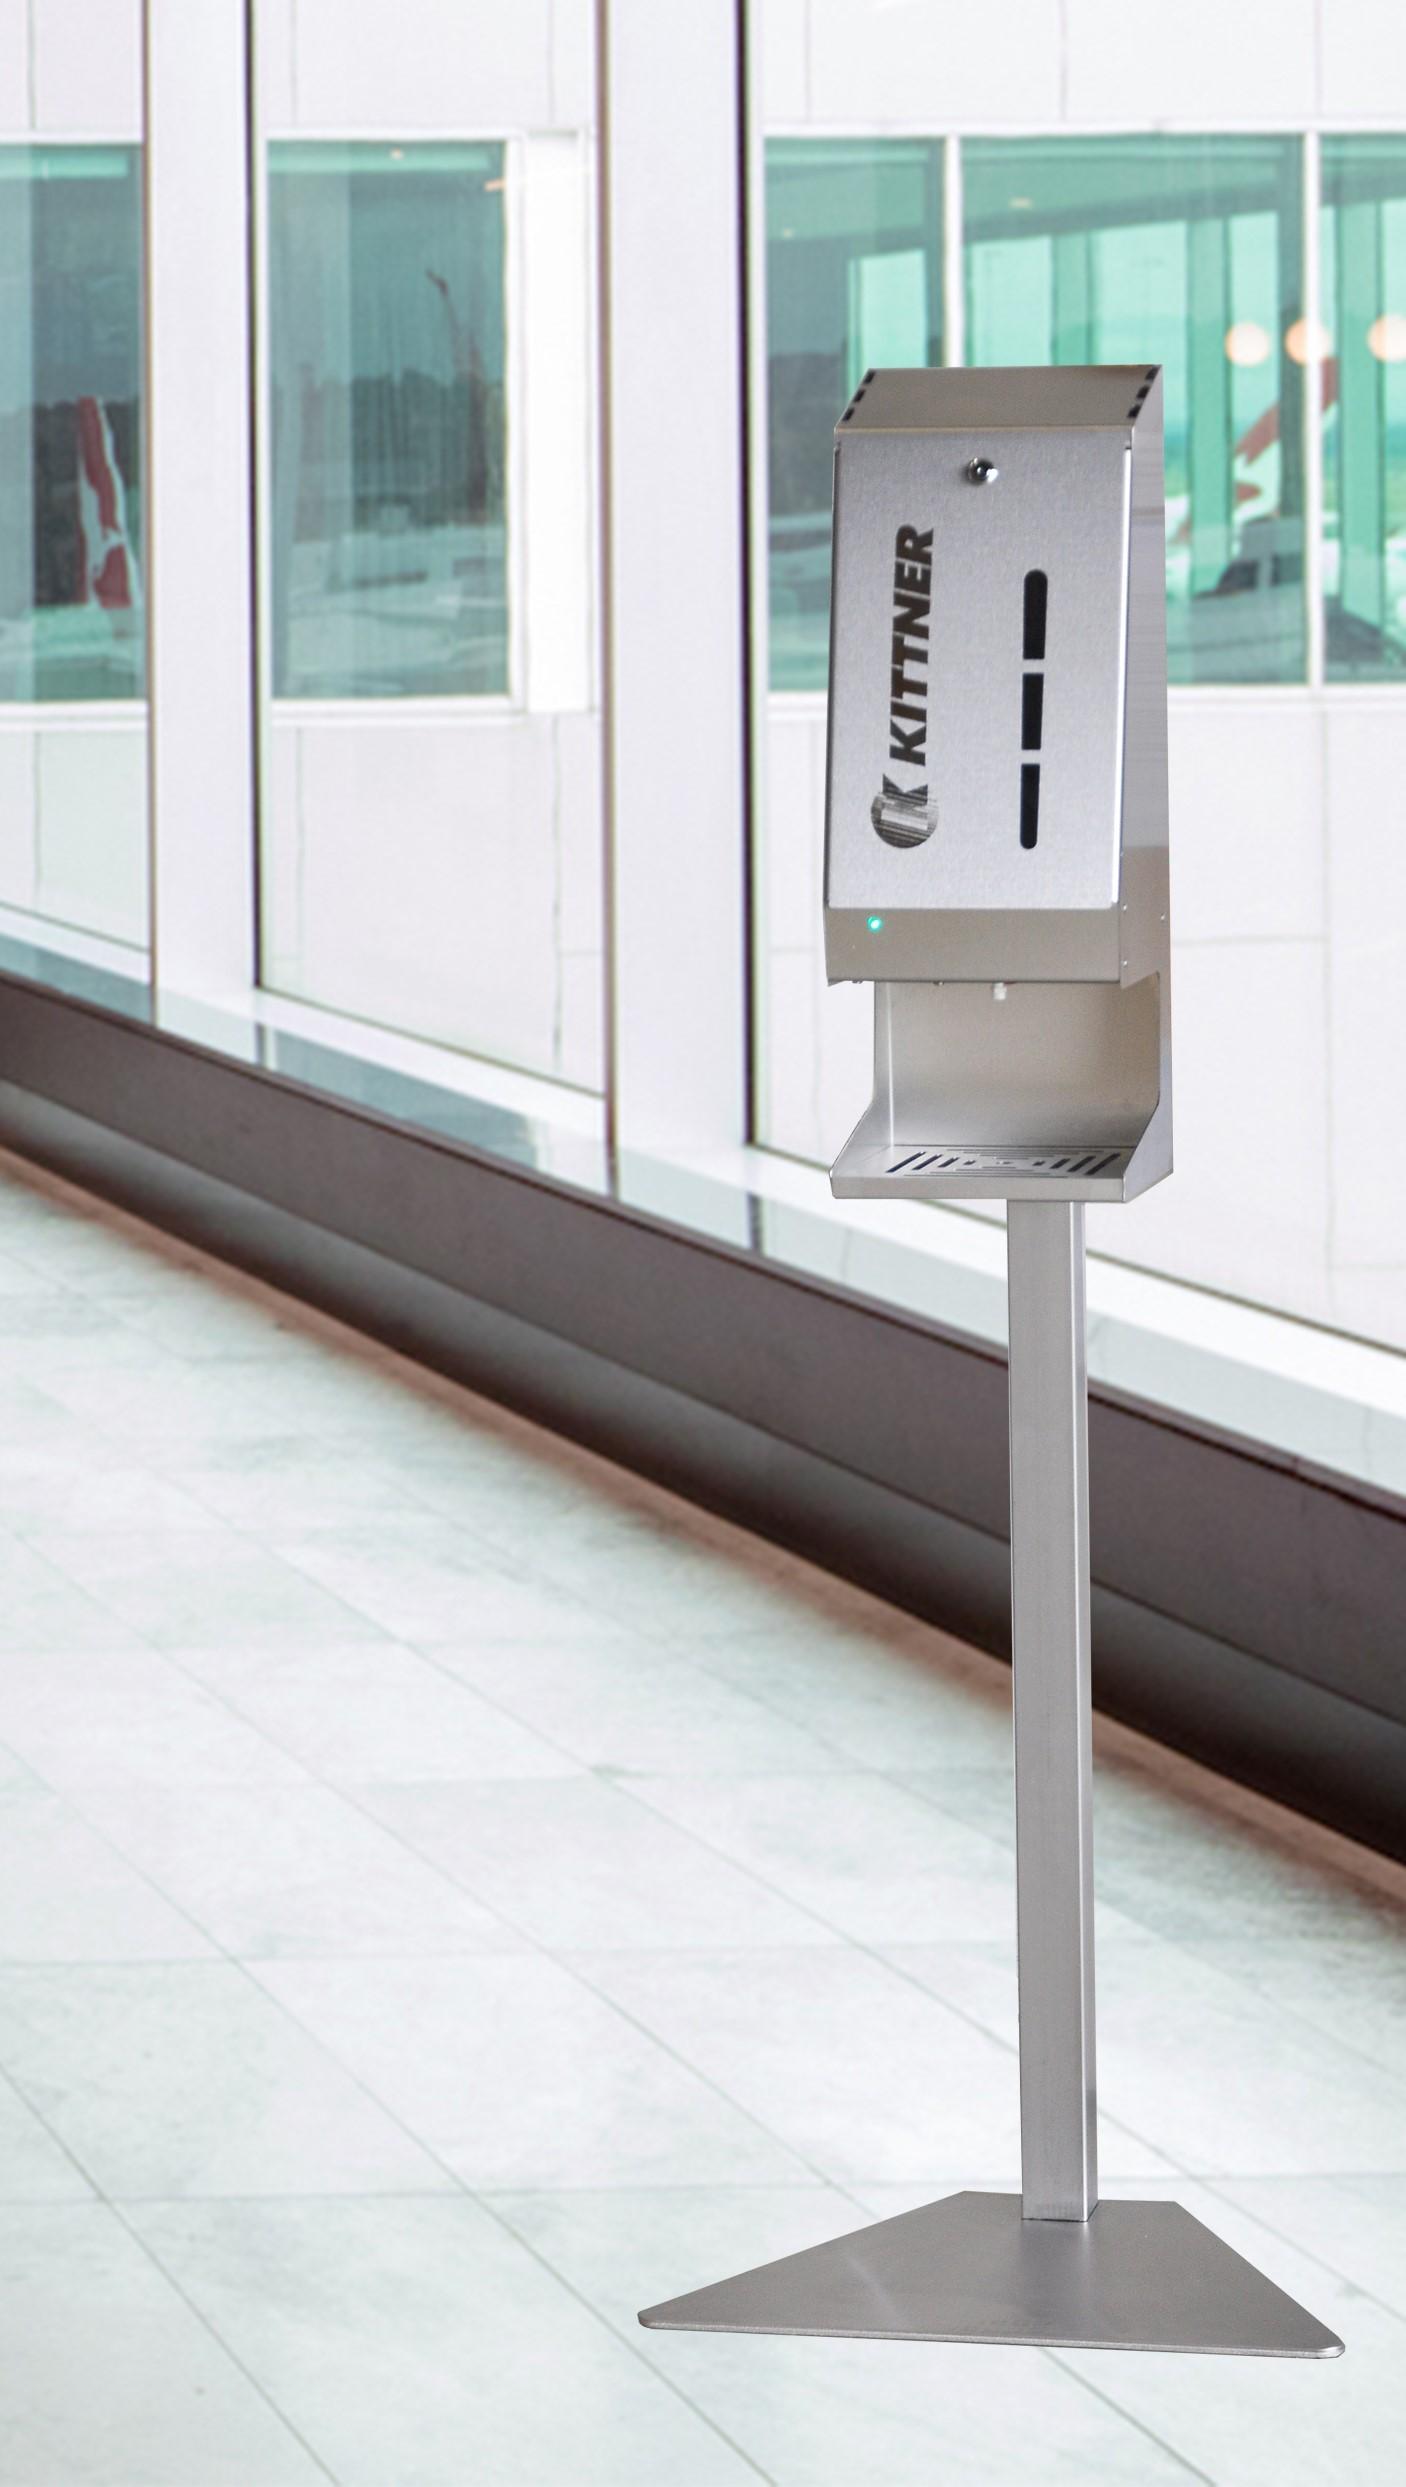 Новый дезинфектор для рук из нержавеющей стали с фотоэлементом